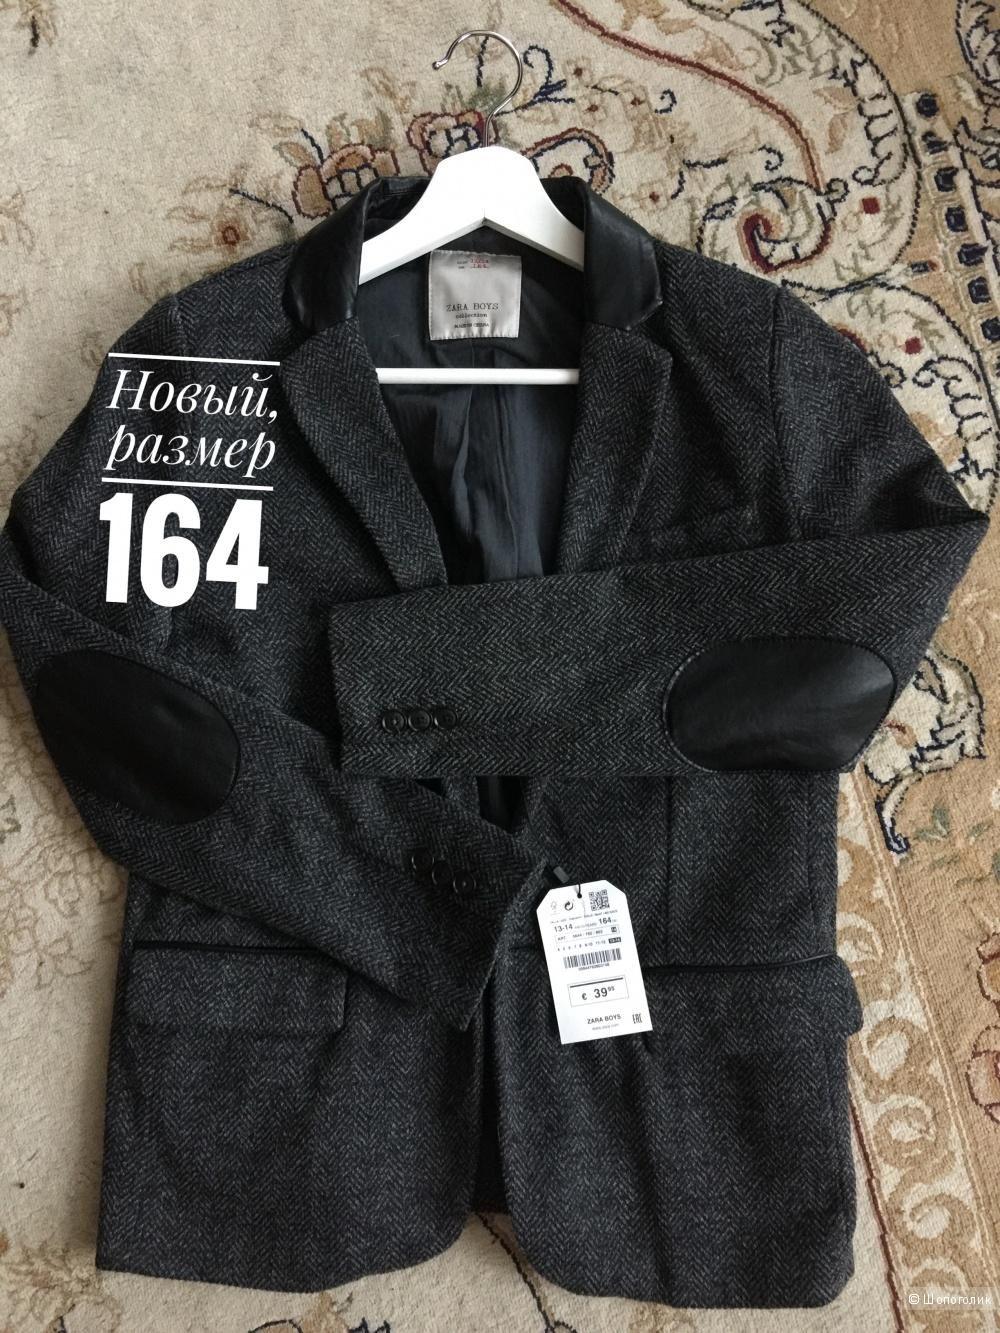 Пиджак с заплатками Zara, размер 164